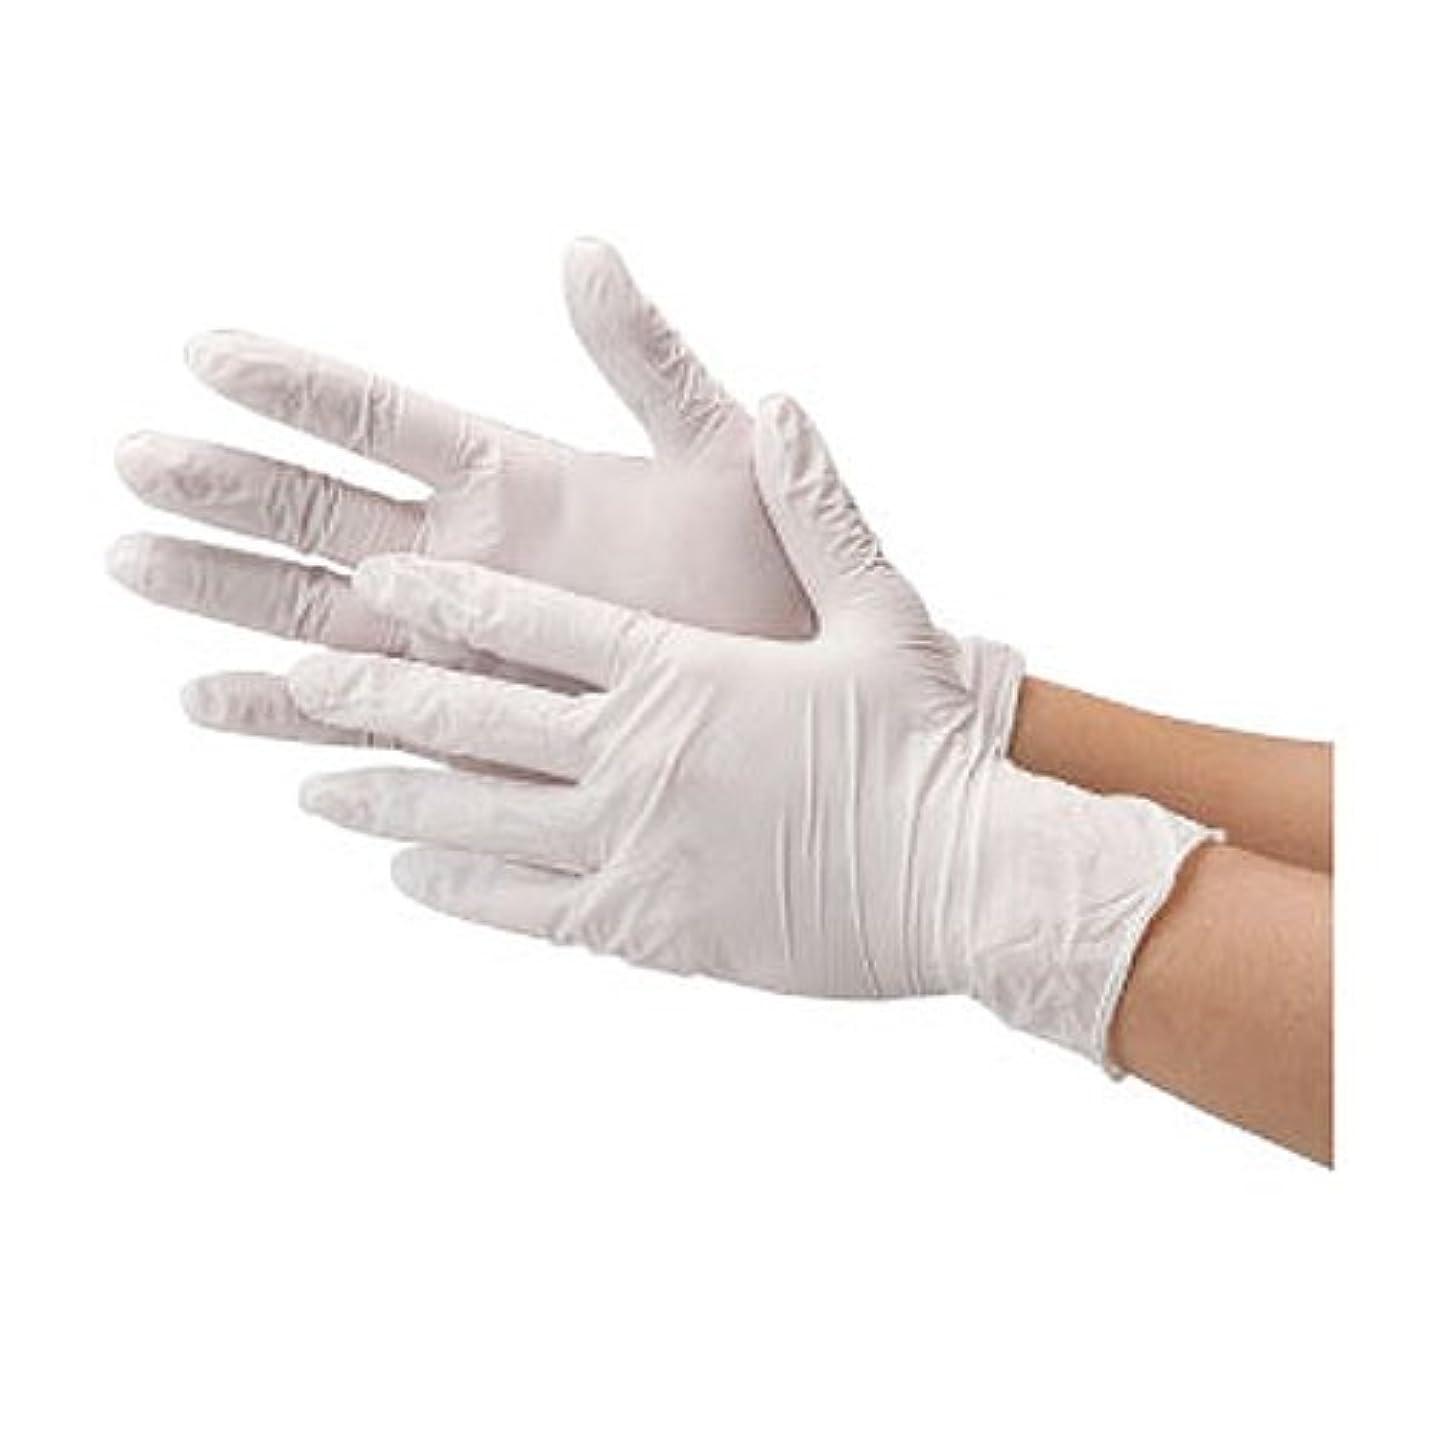 本能主に原油川西工業 ニトリル 使いきり手袋 ストロング 粉無 100枚入り 2037 ホワイトS